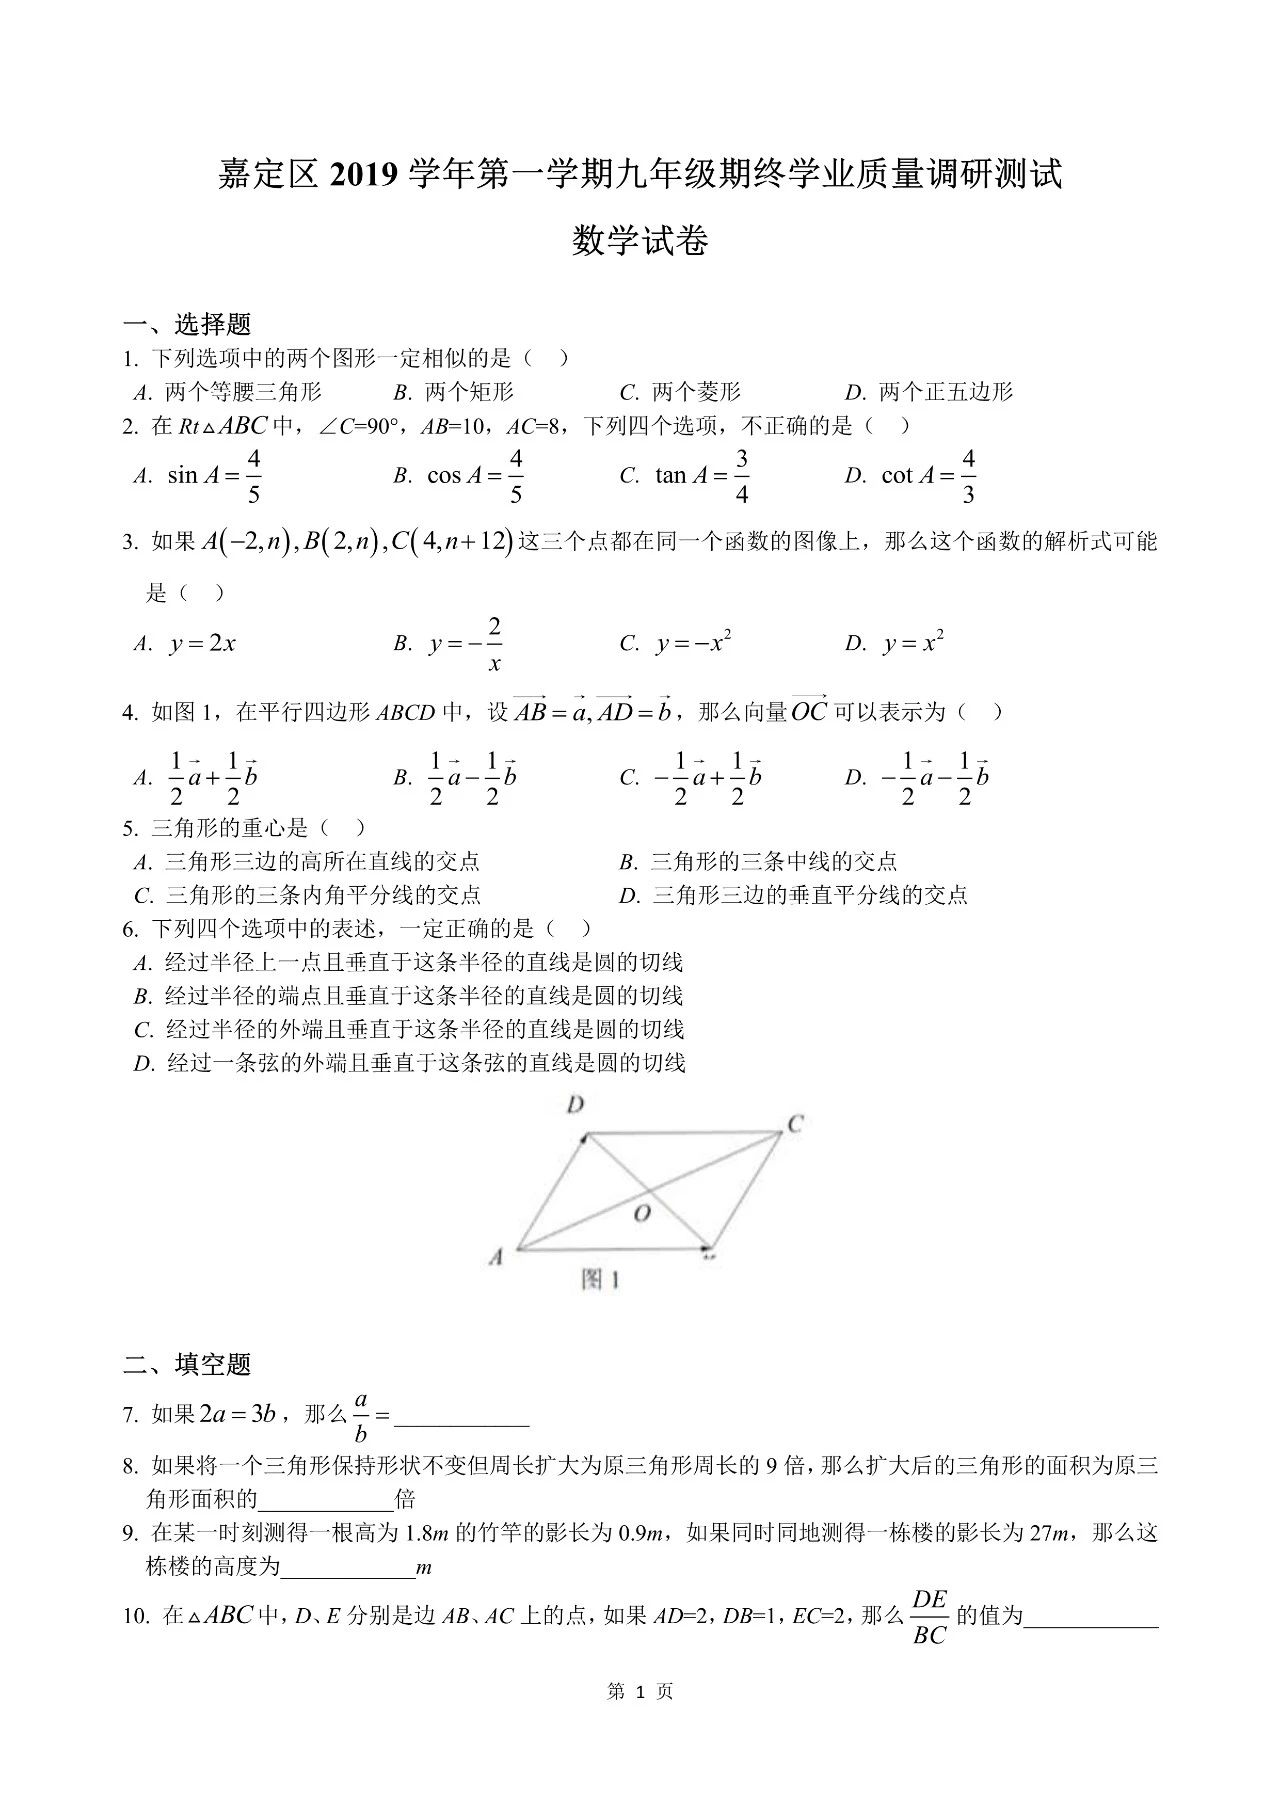 2020上海嘉定中考一模数学试题及答案解析